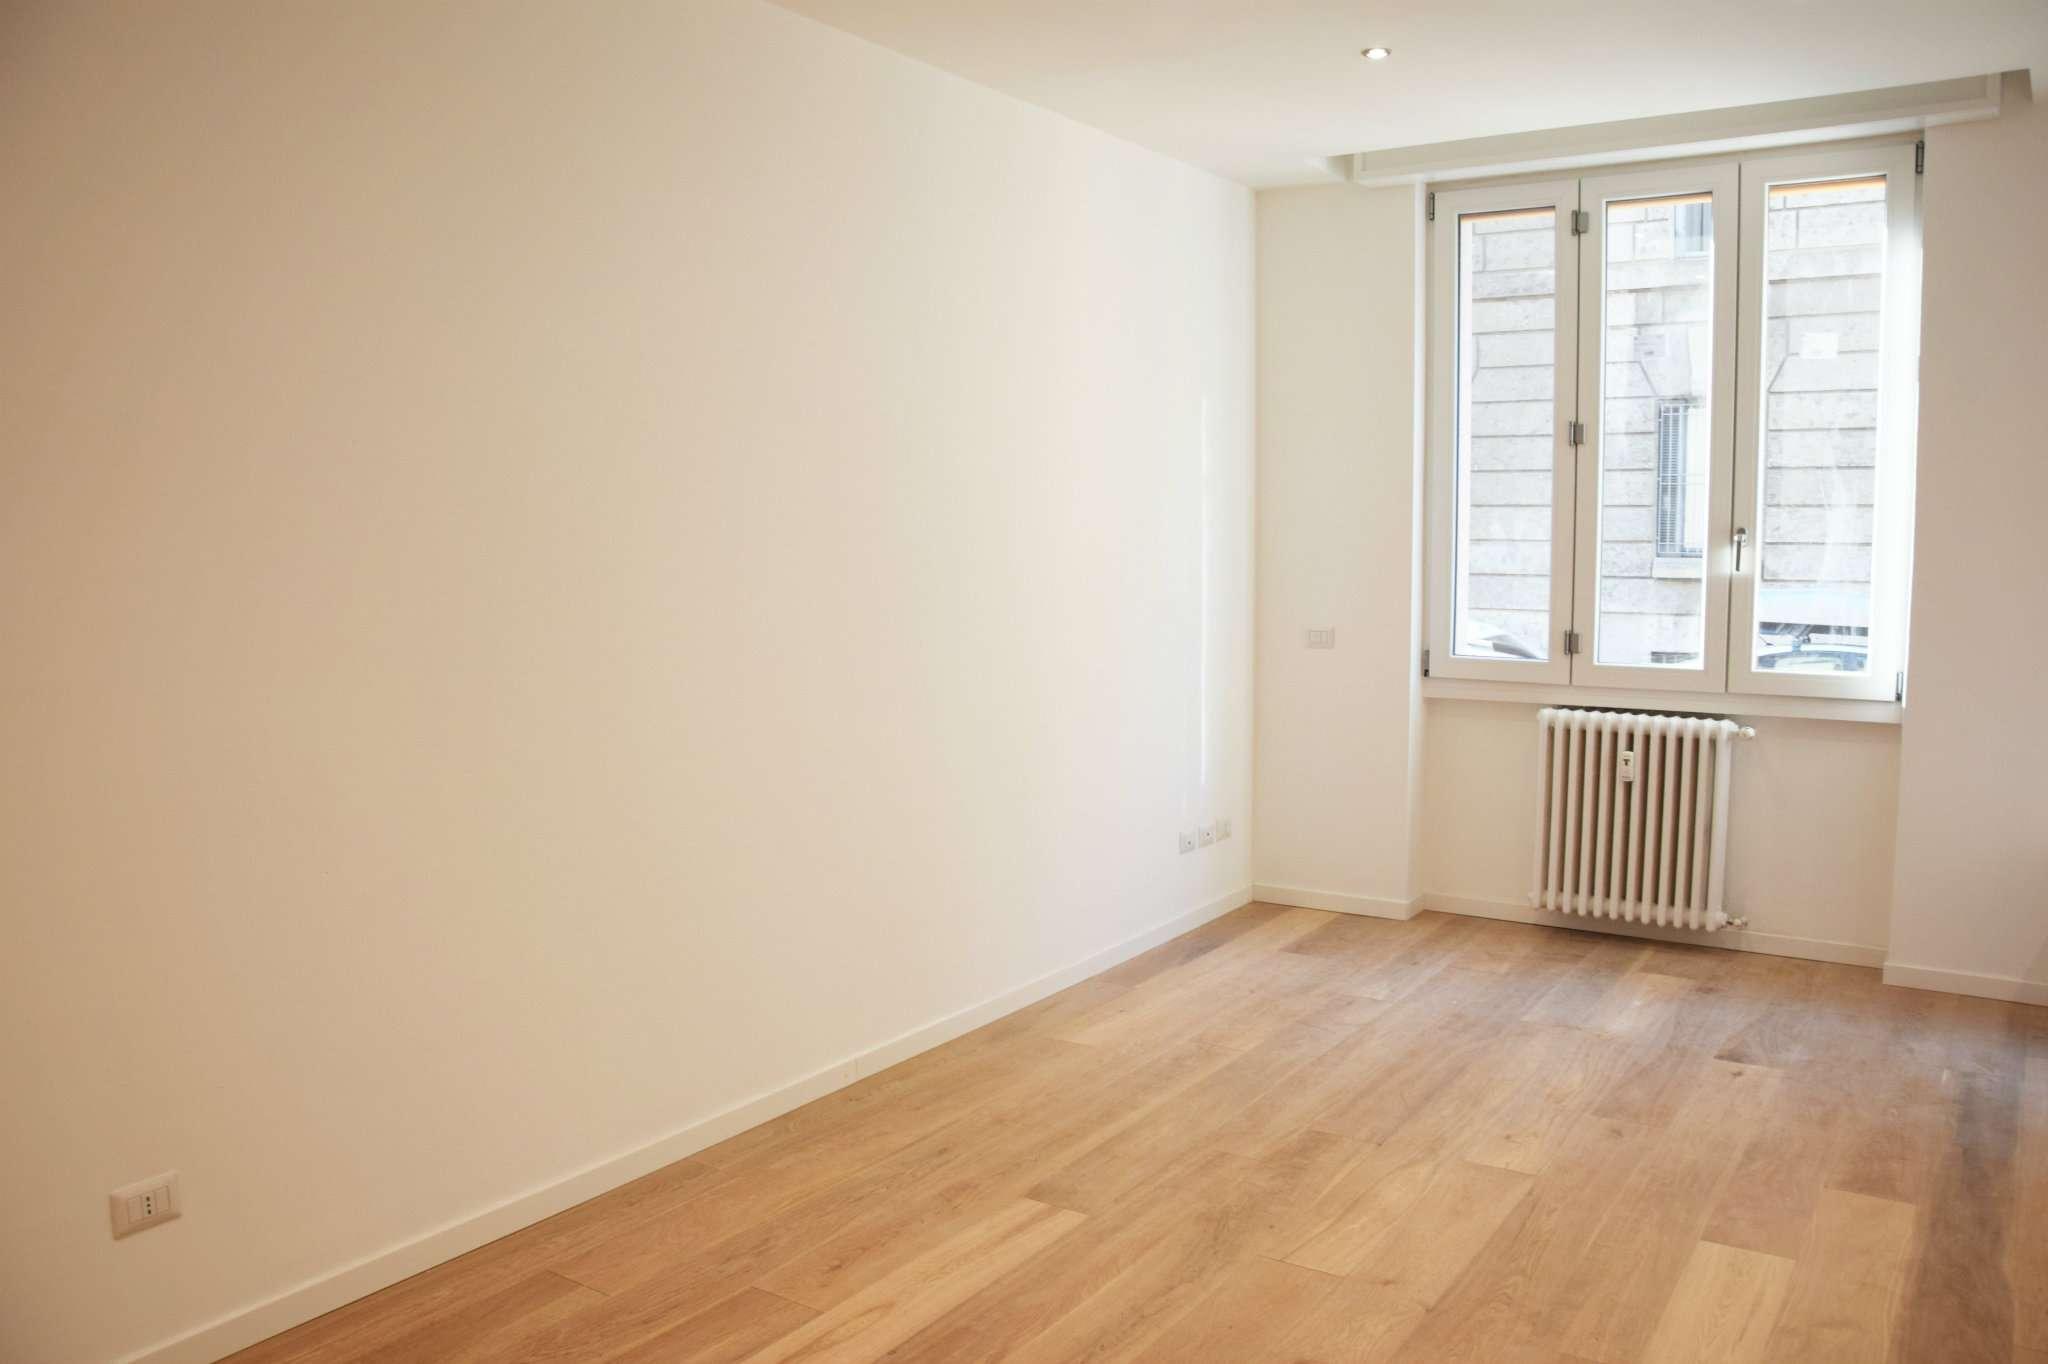 Appartamento in vendita a Milano, 2 locali, zona Zona: 15 . Fiera, Firenze, Sempione, Pagano, Amendola, Paolo Sarpi, Arena, prezzo € 280.000   Cambio Casa.it